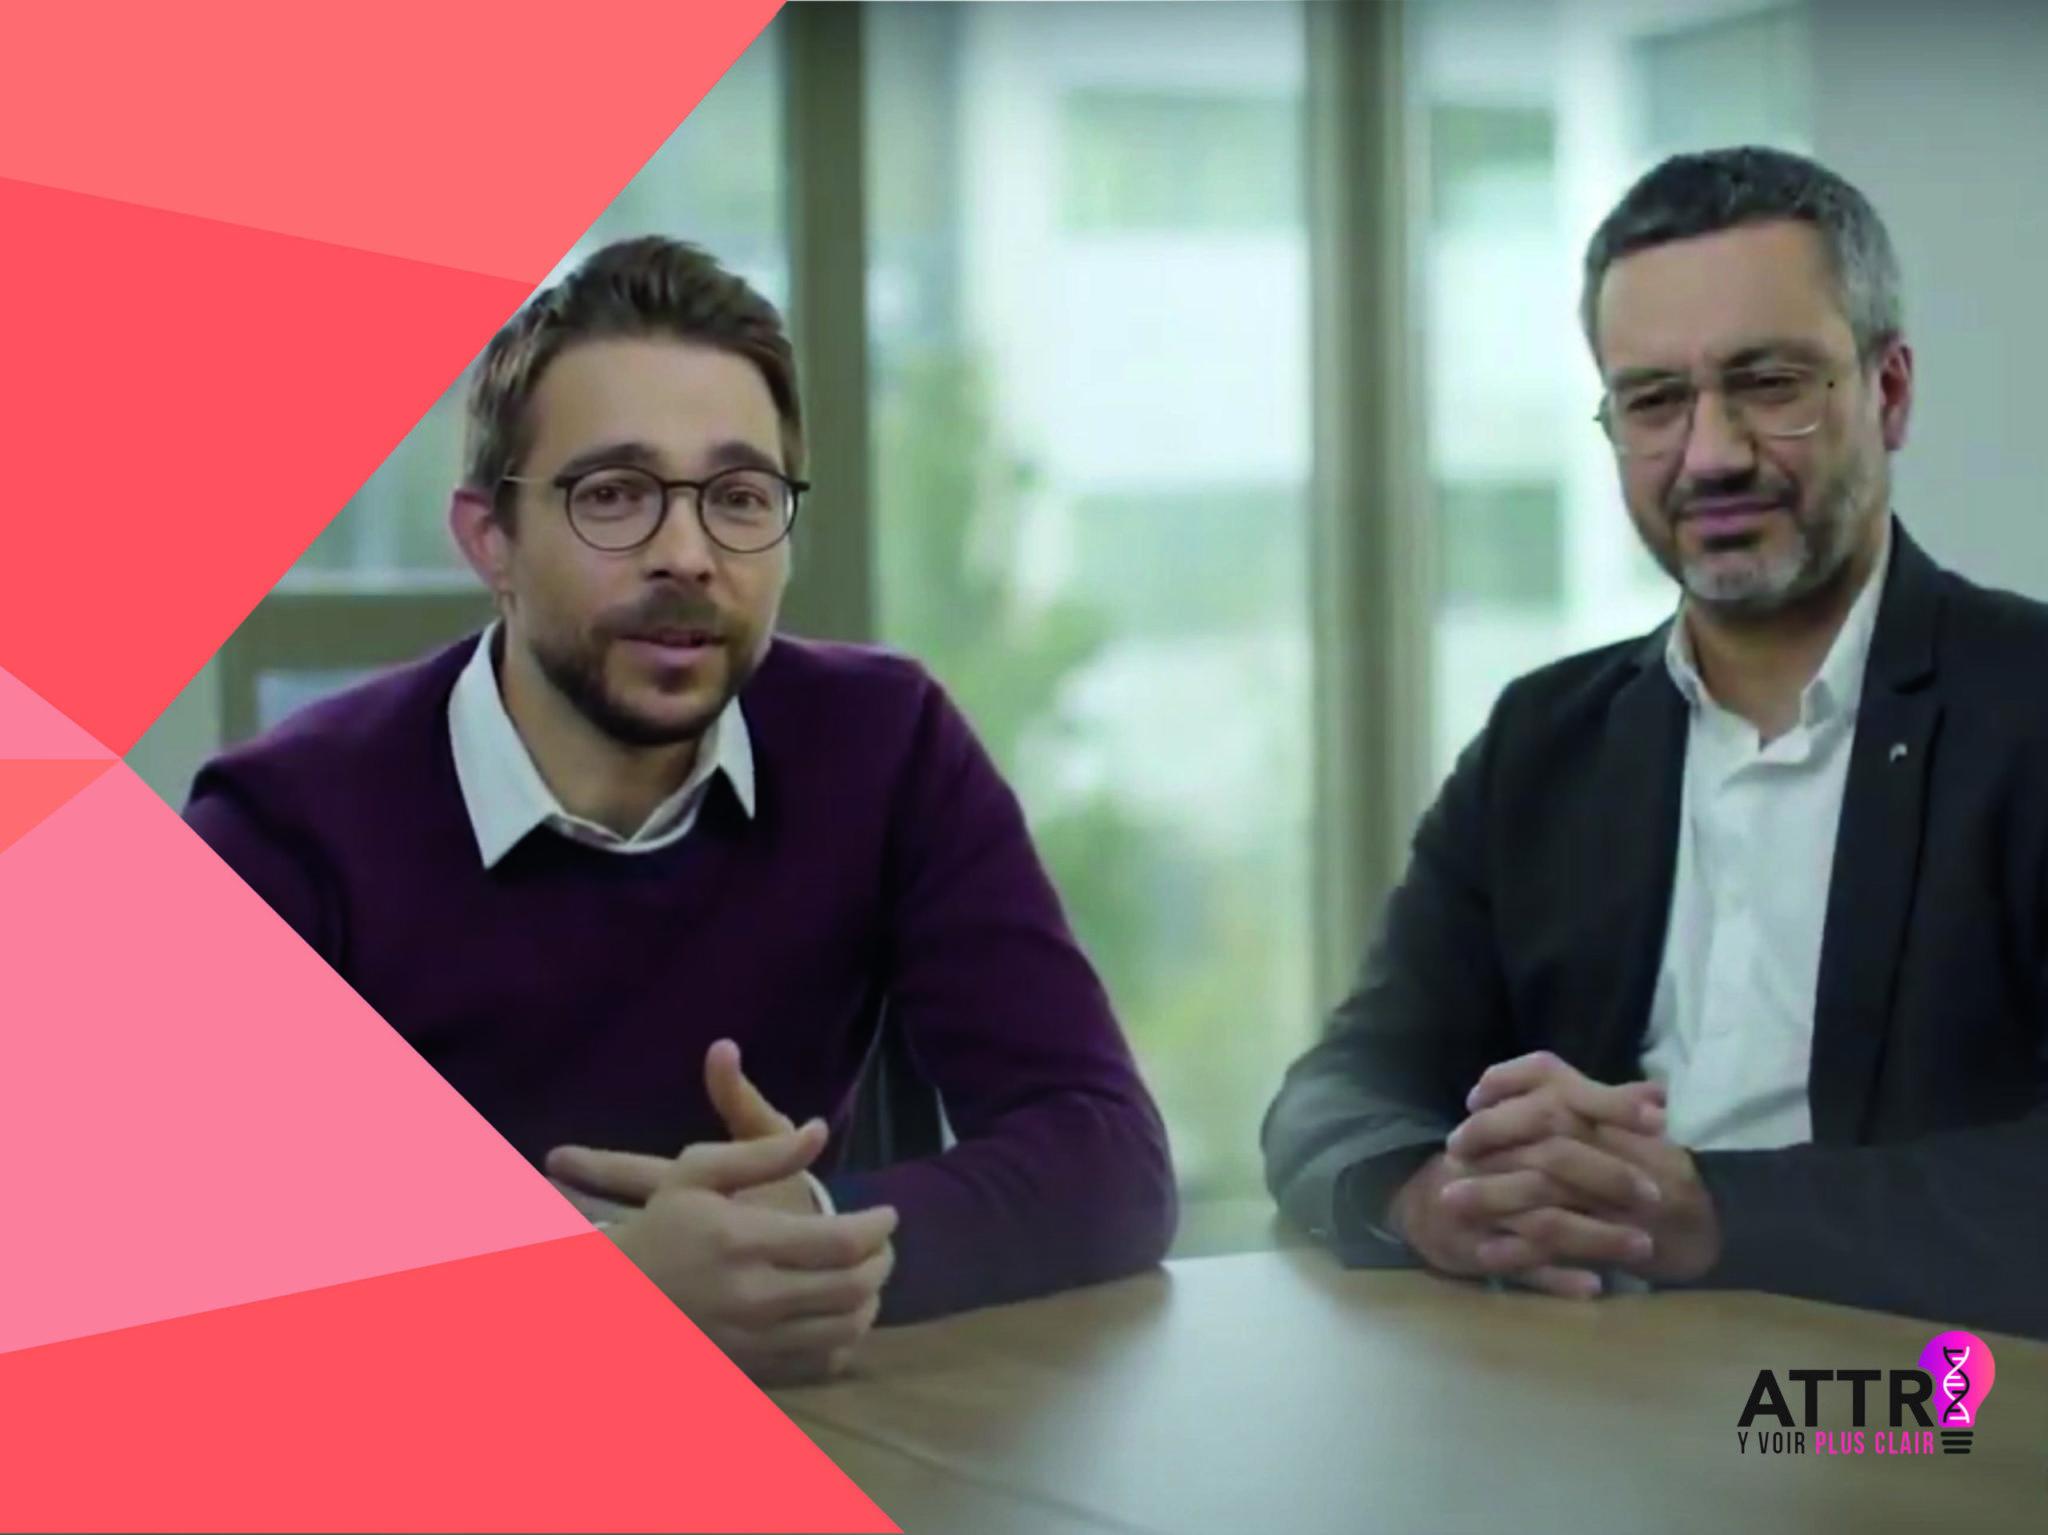 Coordination entre cardiologues et centres experts dans l'amylose à transthyrétine